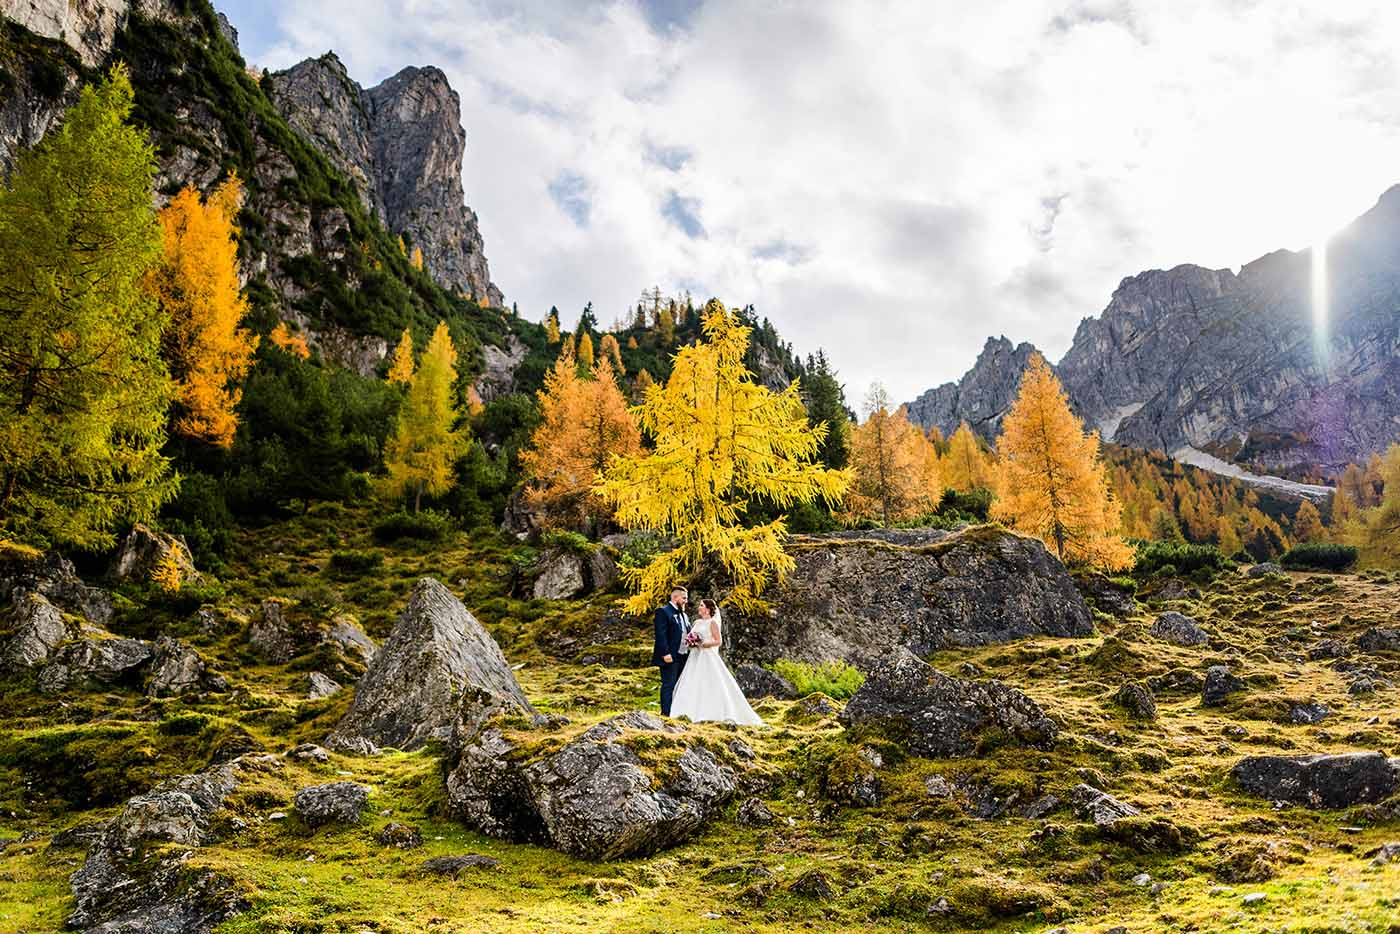 Hochzeitsfotografin Sabine Holaubek